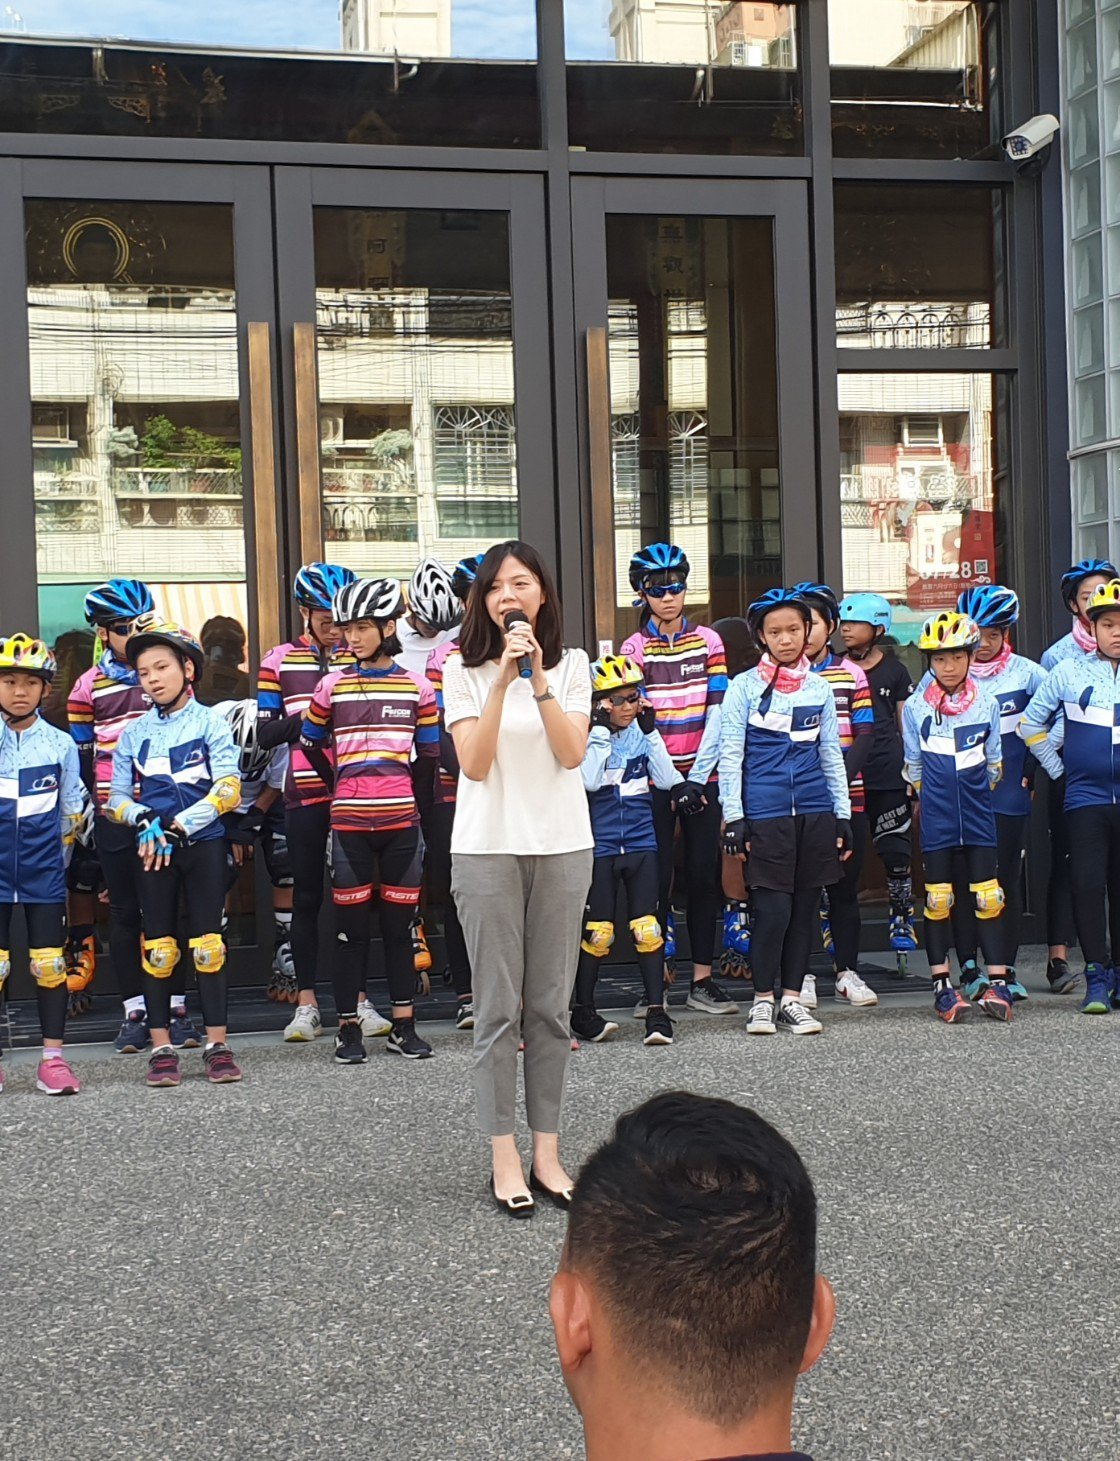 立委洪慈庸今天在台中市潭子區,參加單車公益活動。記者游振昇/攝影